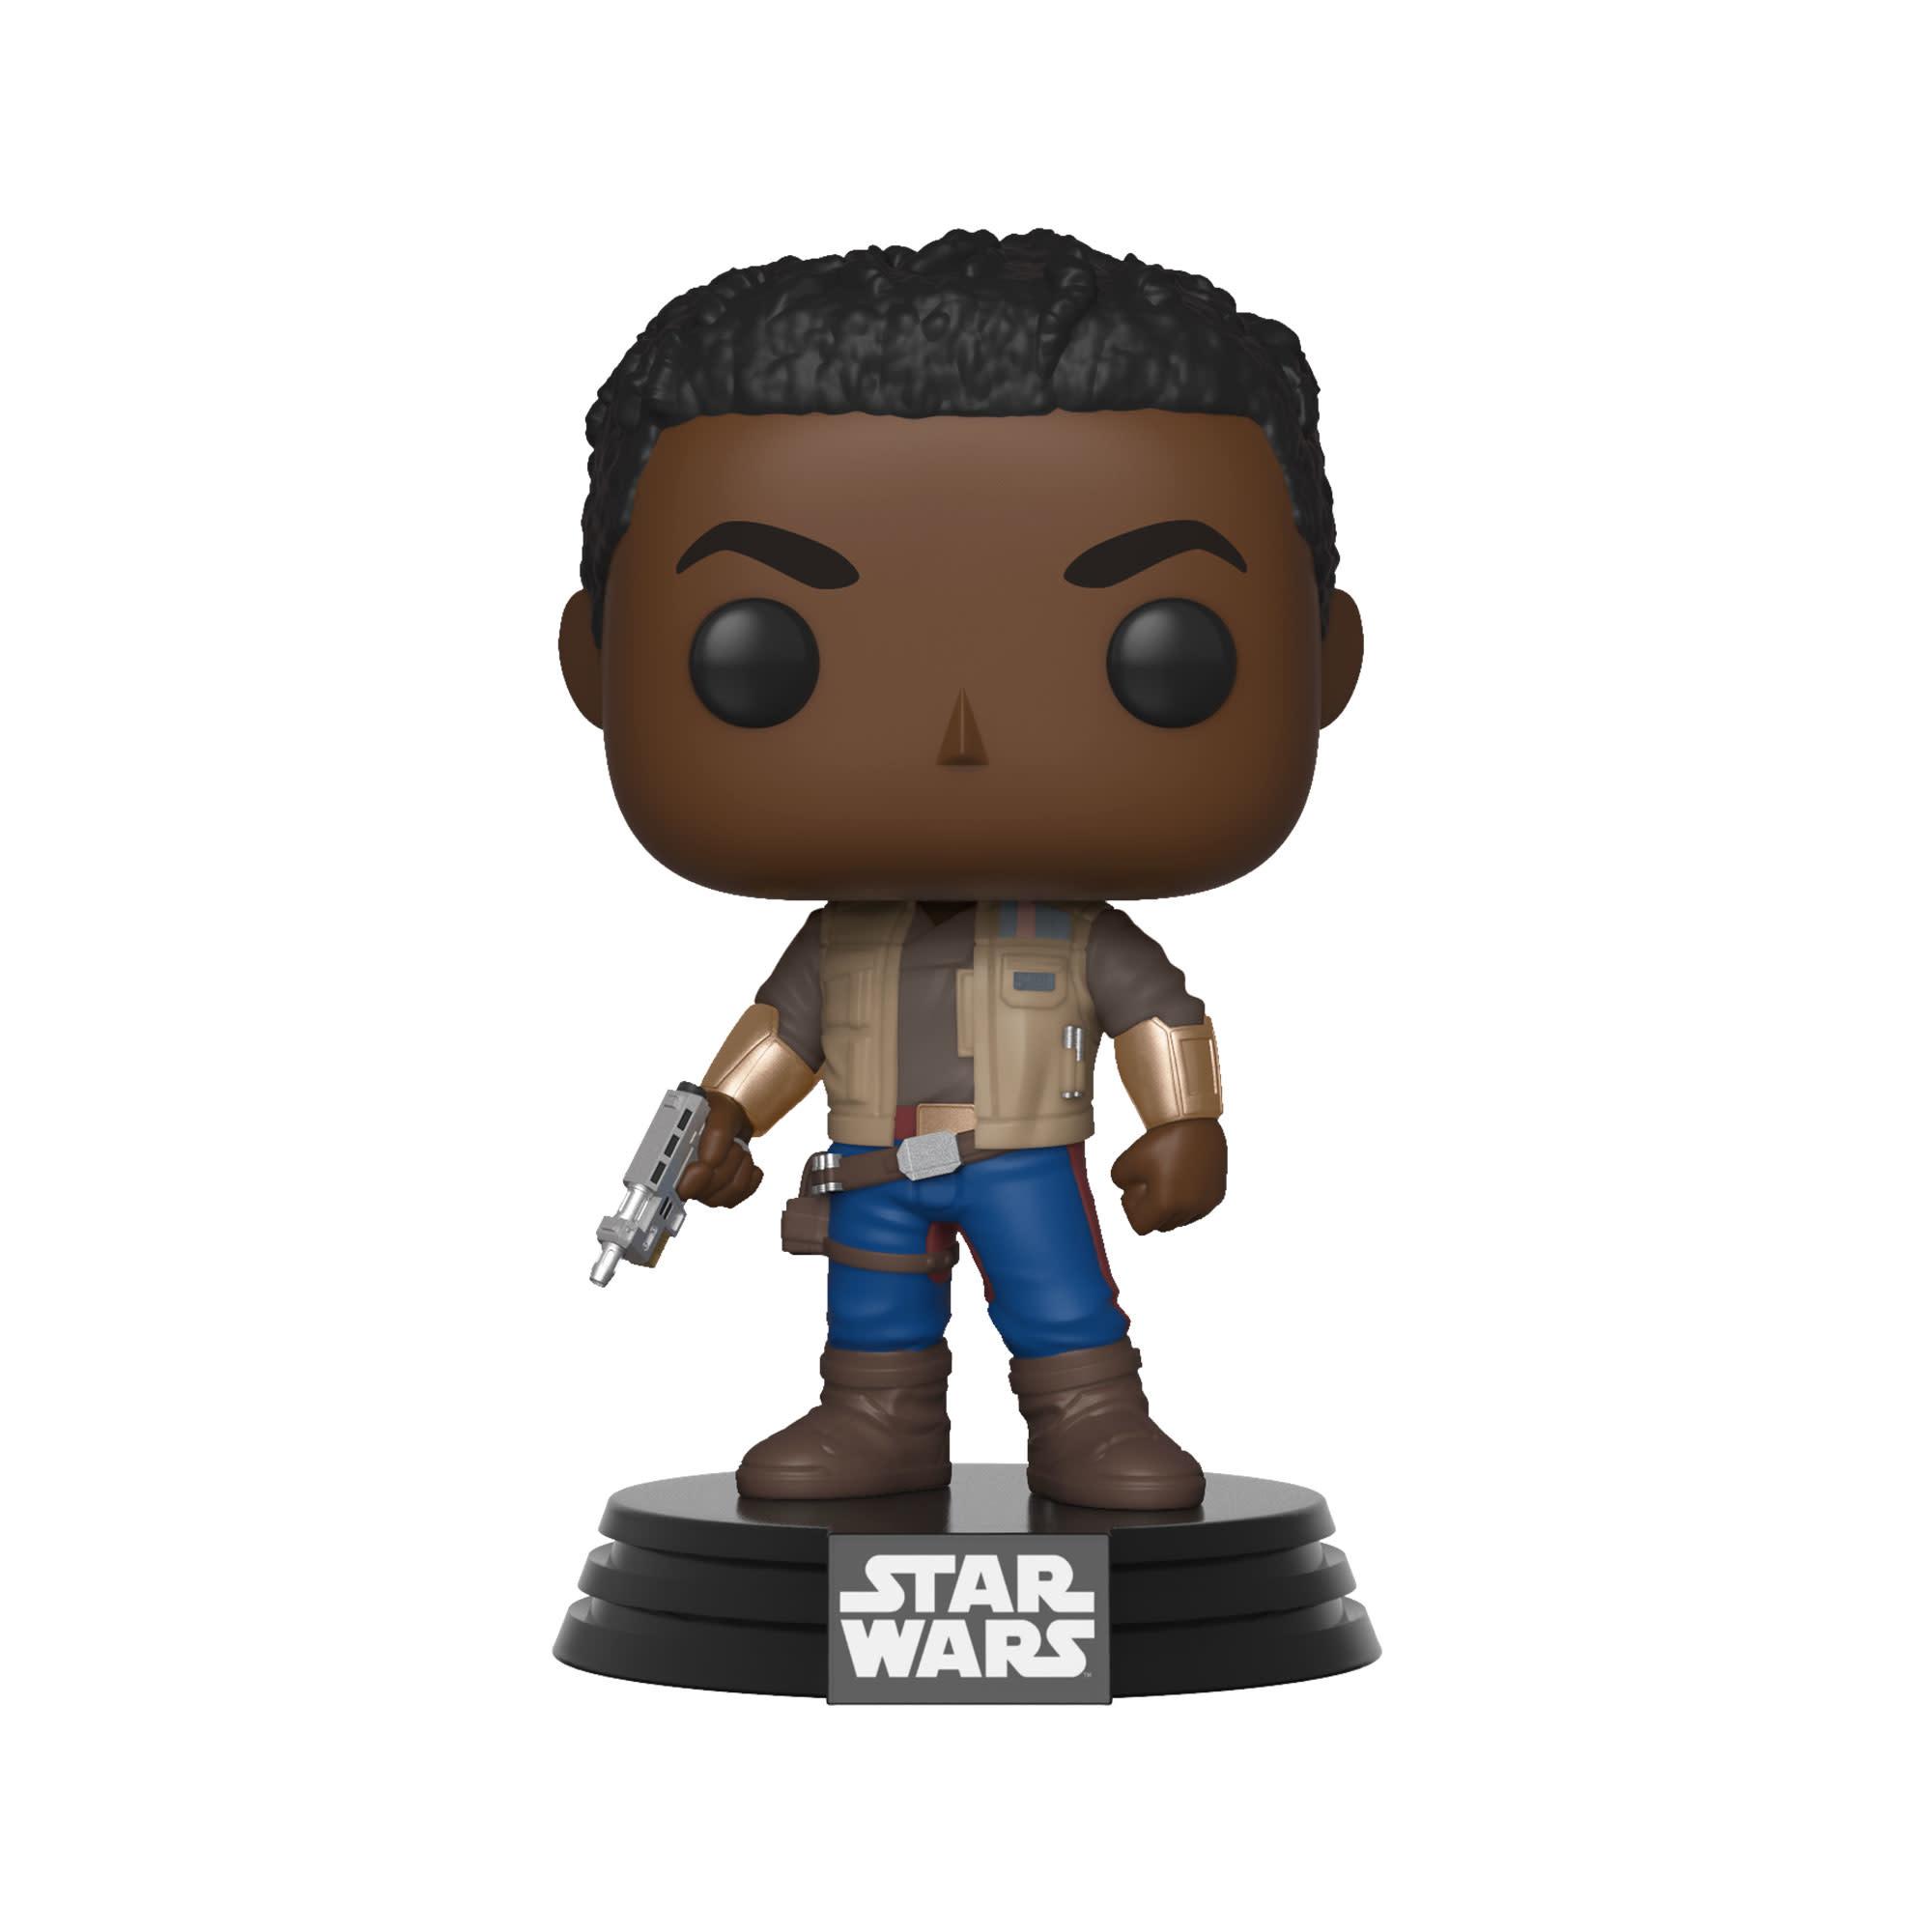 FUNKO Pop! Star Wars: The Rise of Skywalker - Finn